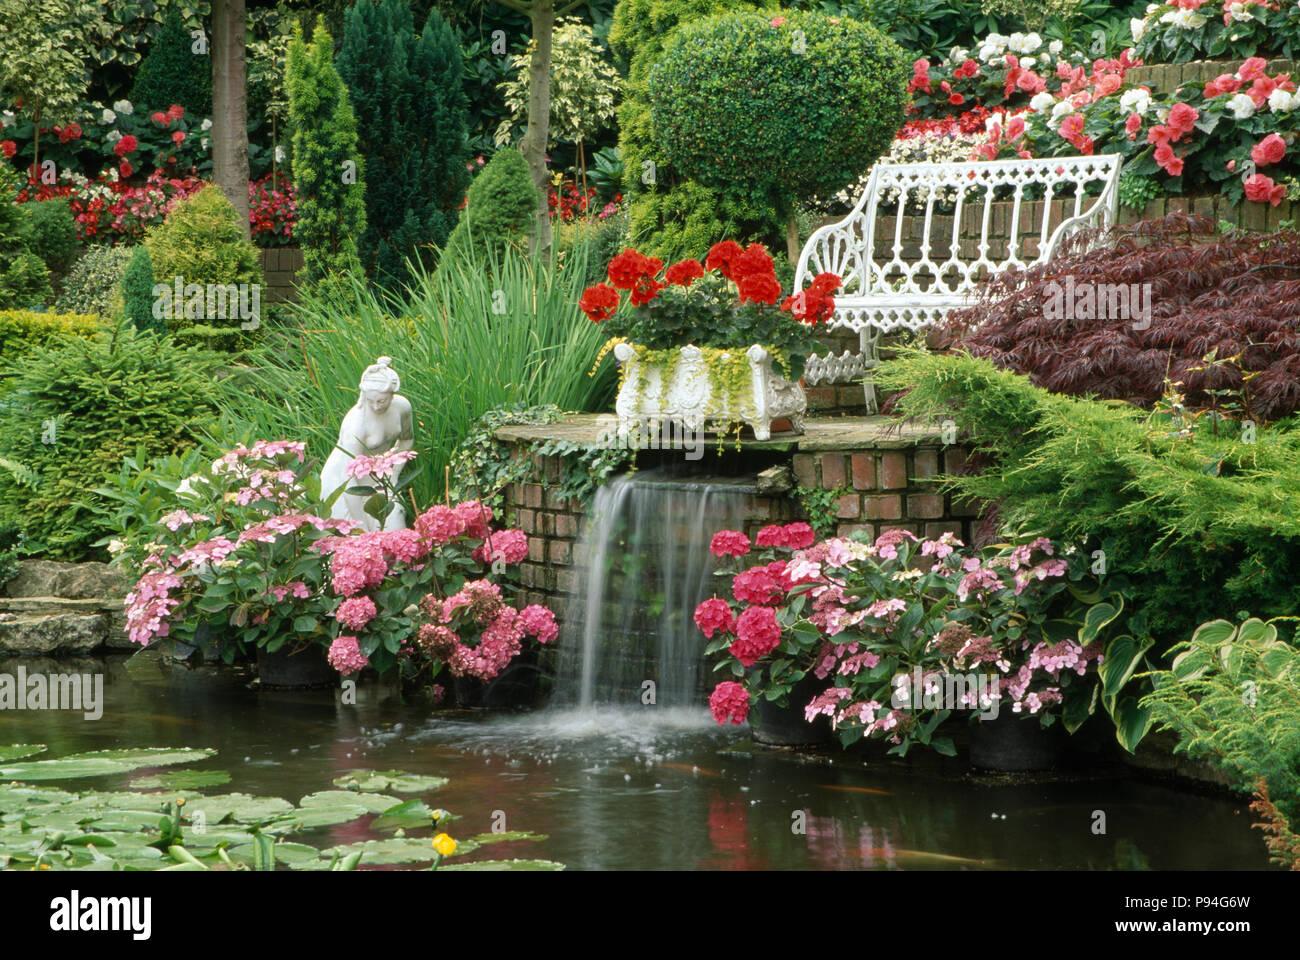 Laghetto Con Cascata Da Giardino : Fontana nel giardino con laghetto e cascata. sedile bianco con